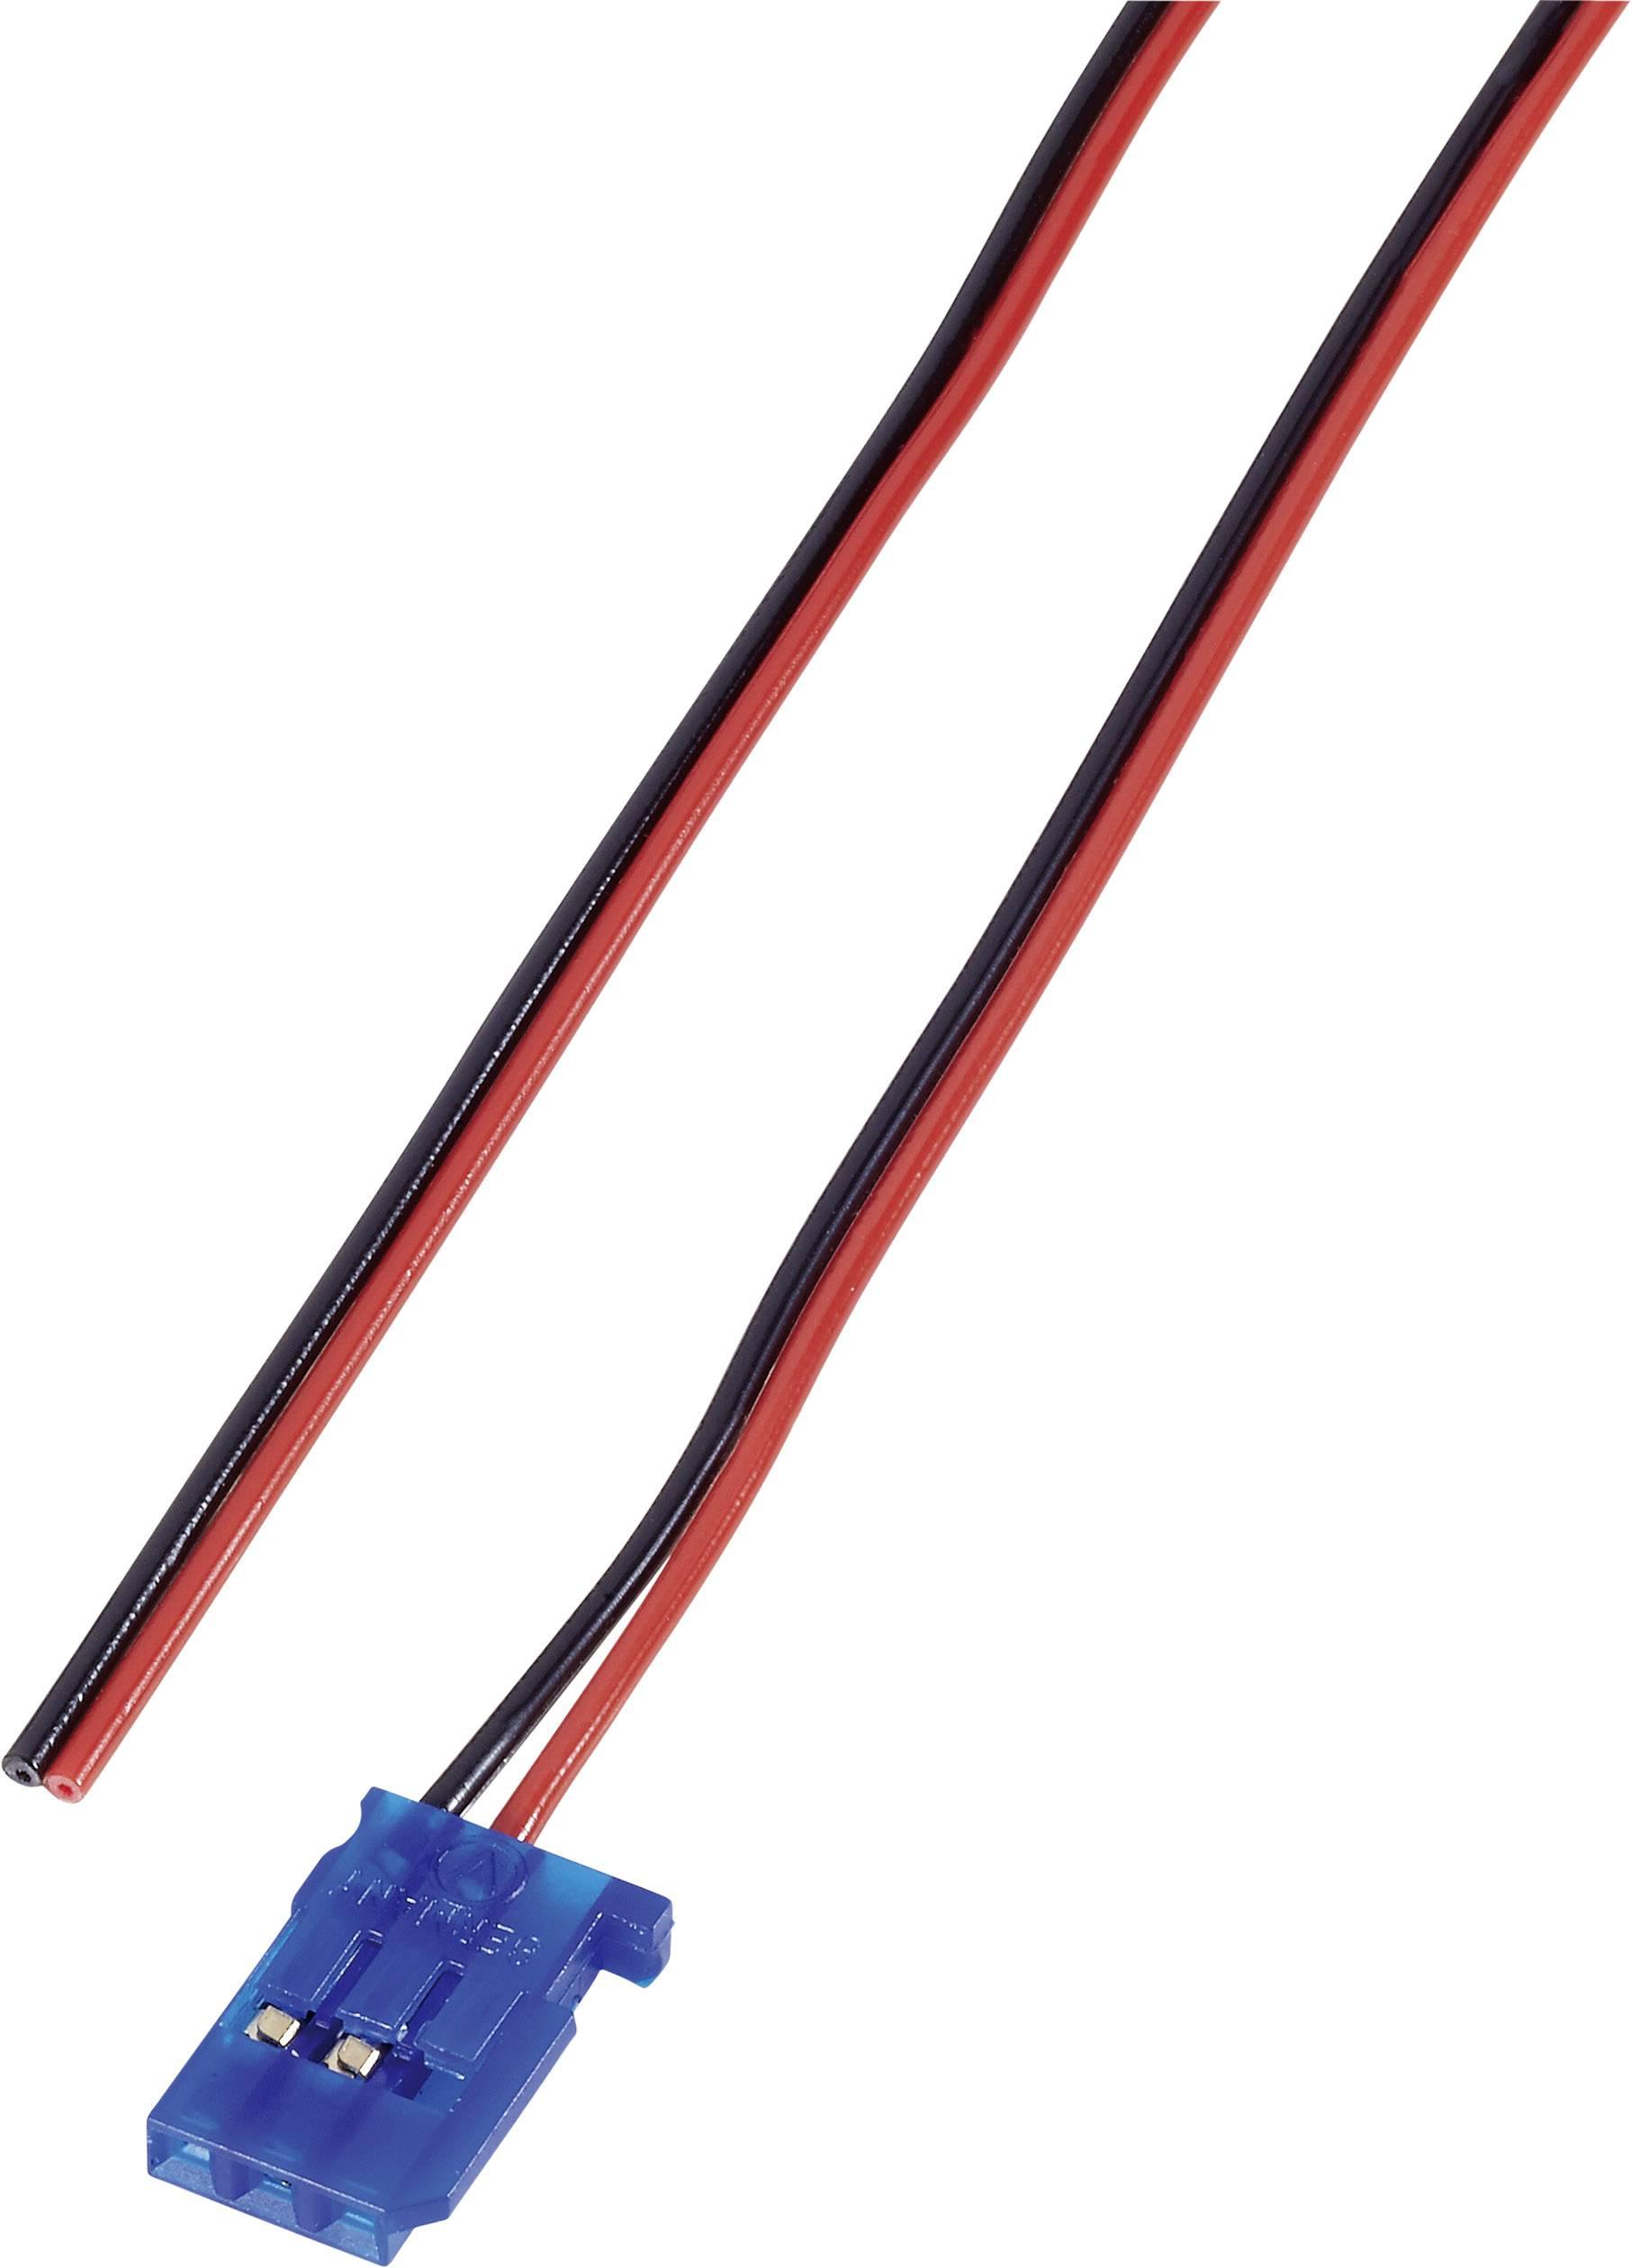 Napájecí kabel Modelcraft, Futaba zásuvka, 300 mm, 0,14 mm²